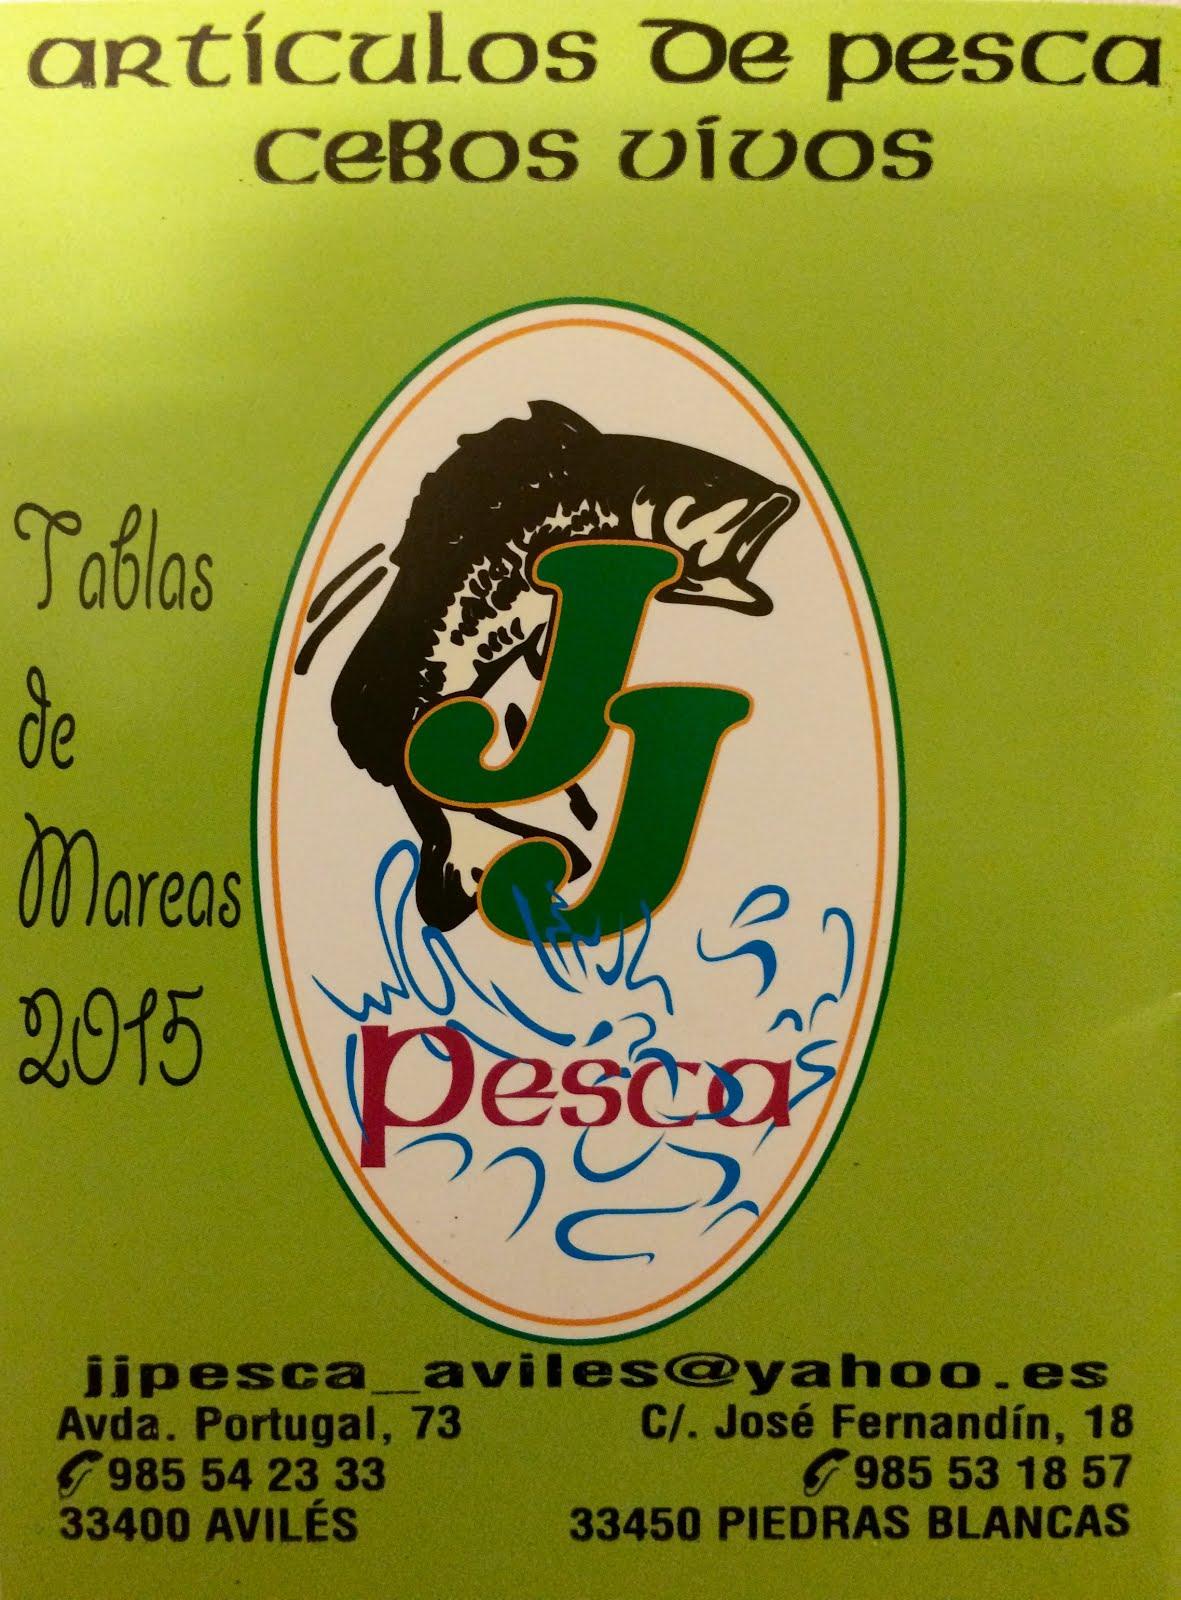 En Asturias tu tenda de pesca...¡¡¡no confundas!!! JJ PESCA en Avilés y Piedras Blancas